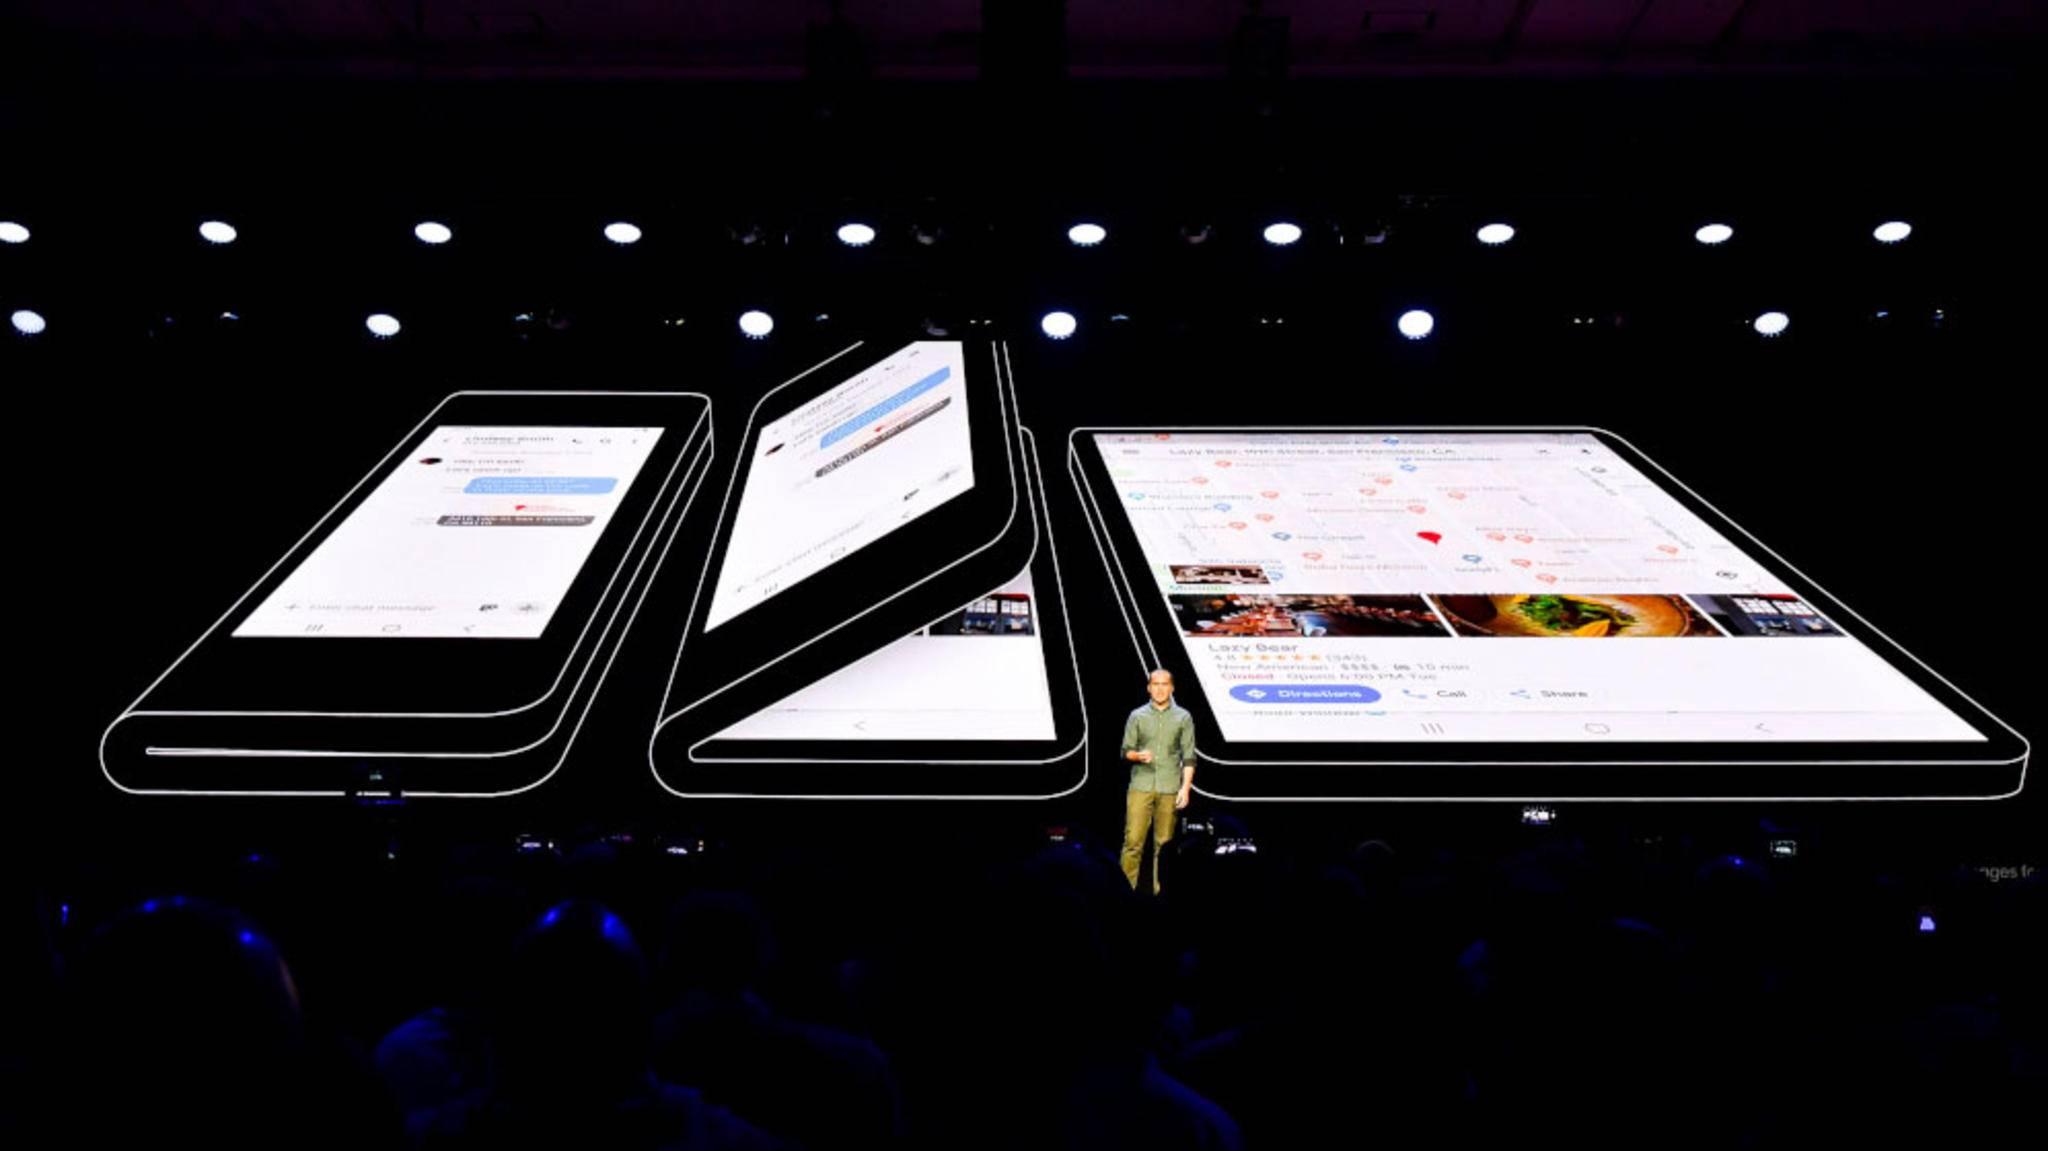 Bisher war meist vom Galaxy X die Rede, wenn es um Samsungs faltbares Smartphone ging.